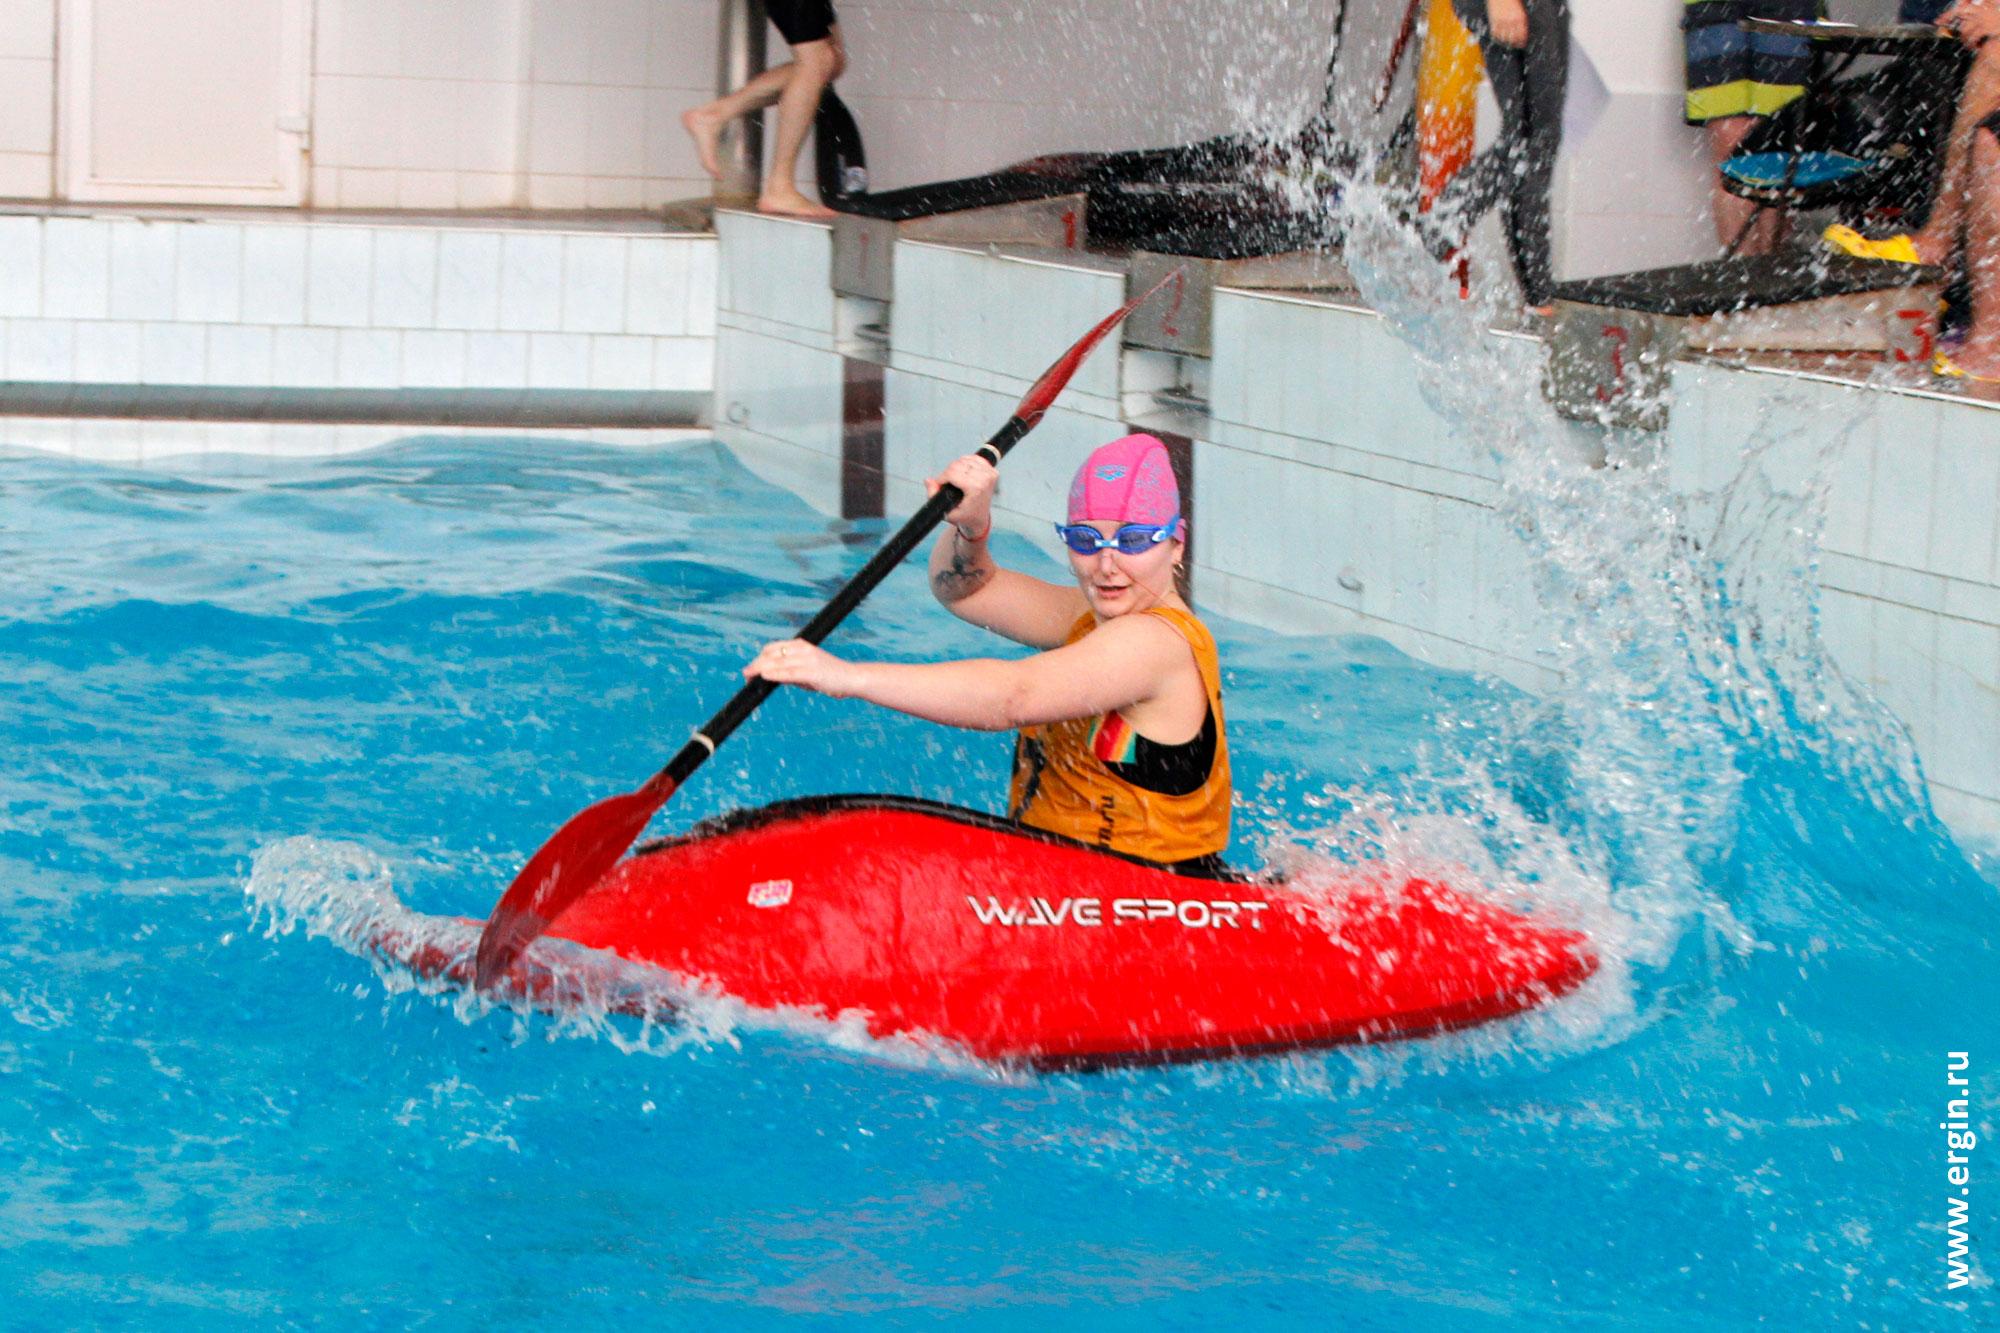 На каяке в бассейне фристайл-каякинг